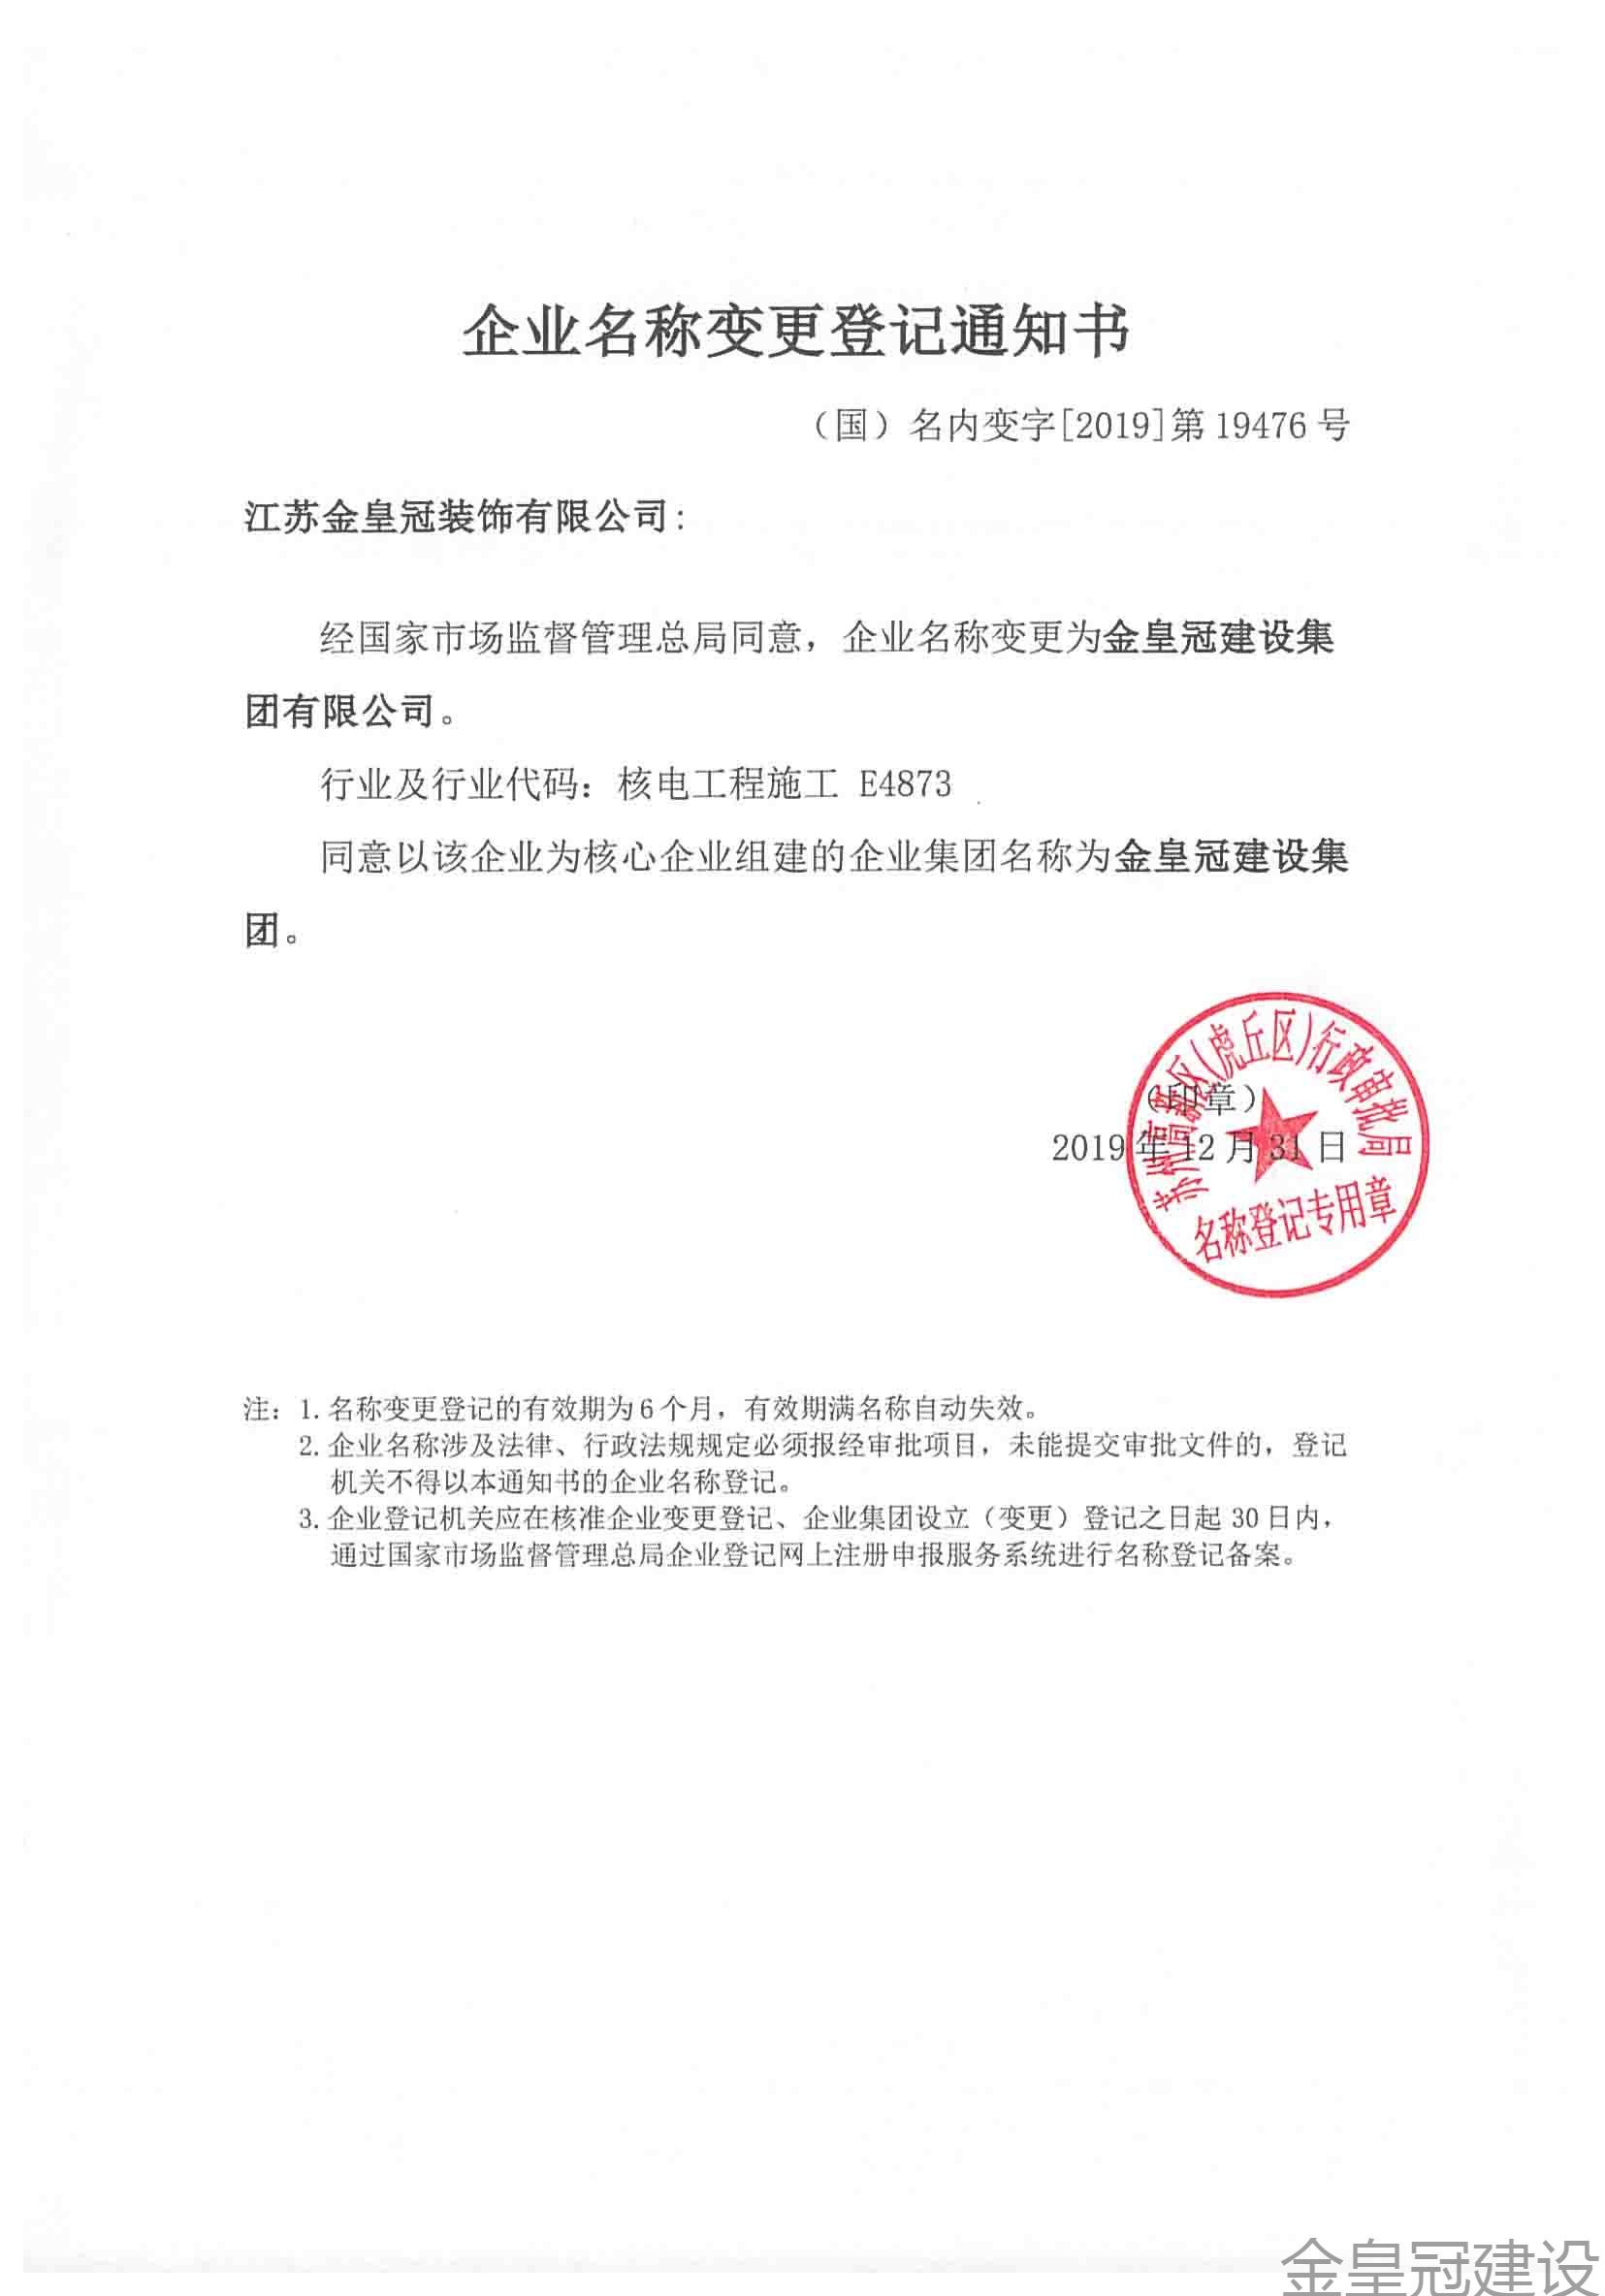 工商变更 金皇冠建设集团(1)